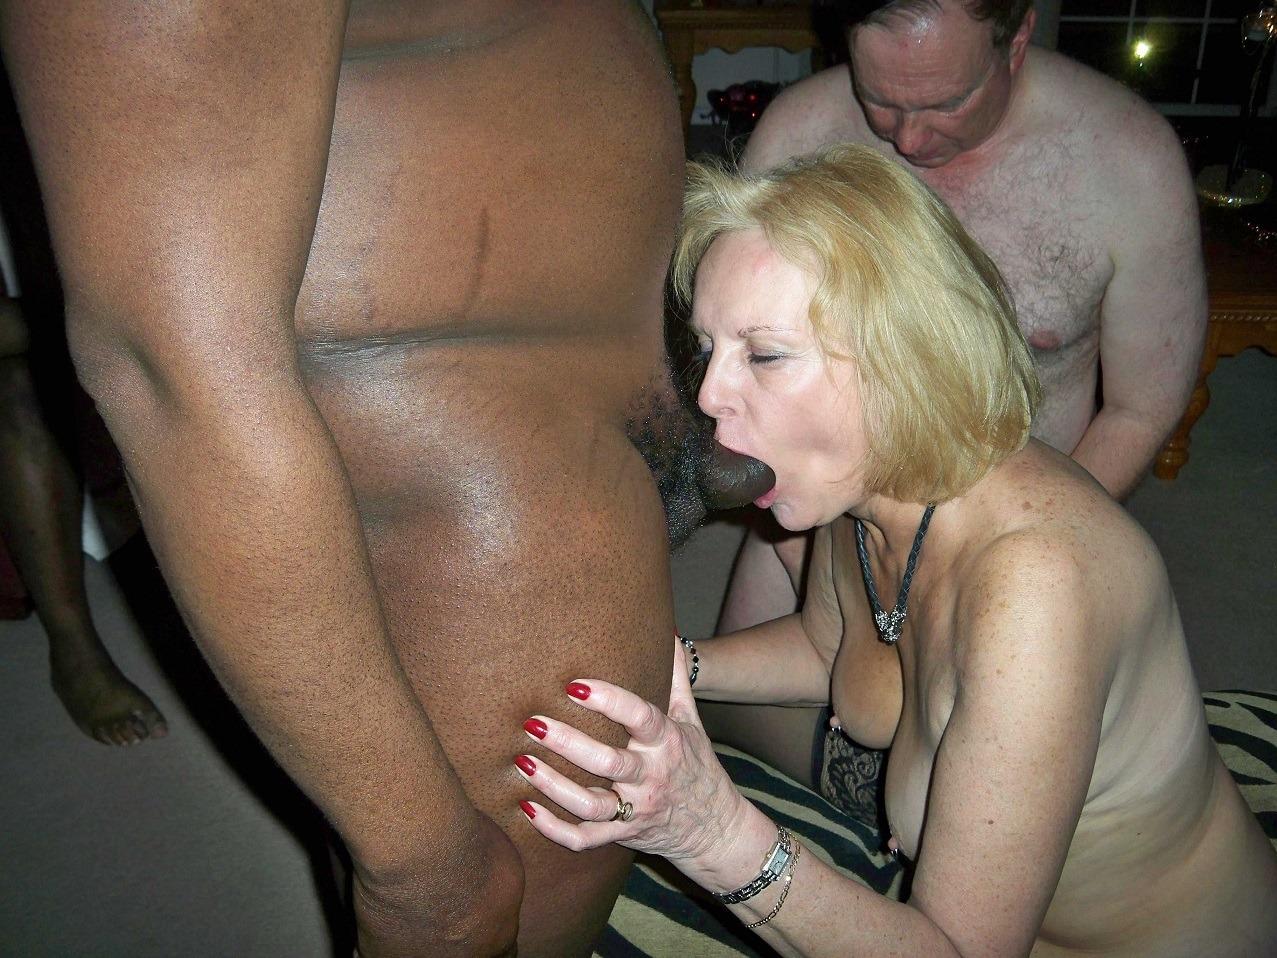 Swinger slut drunk wife photo galery